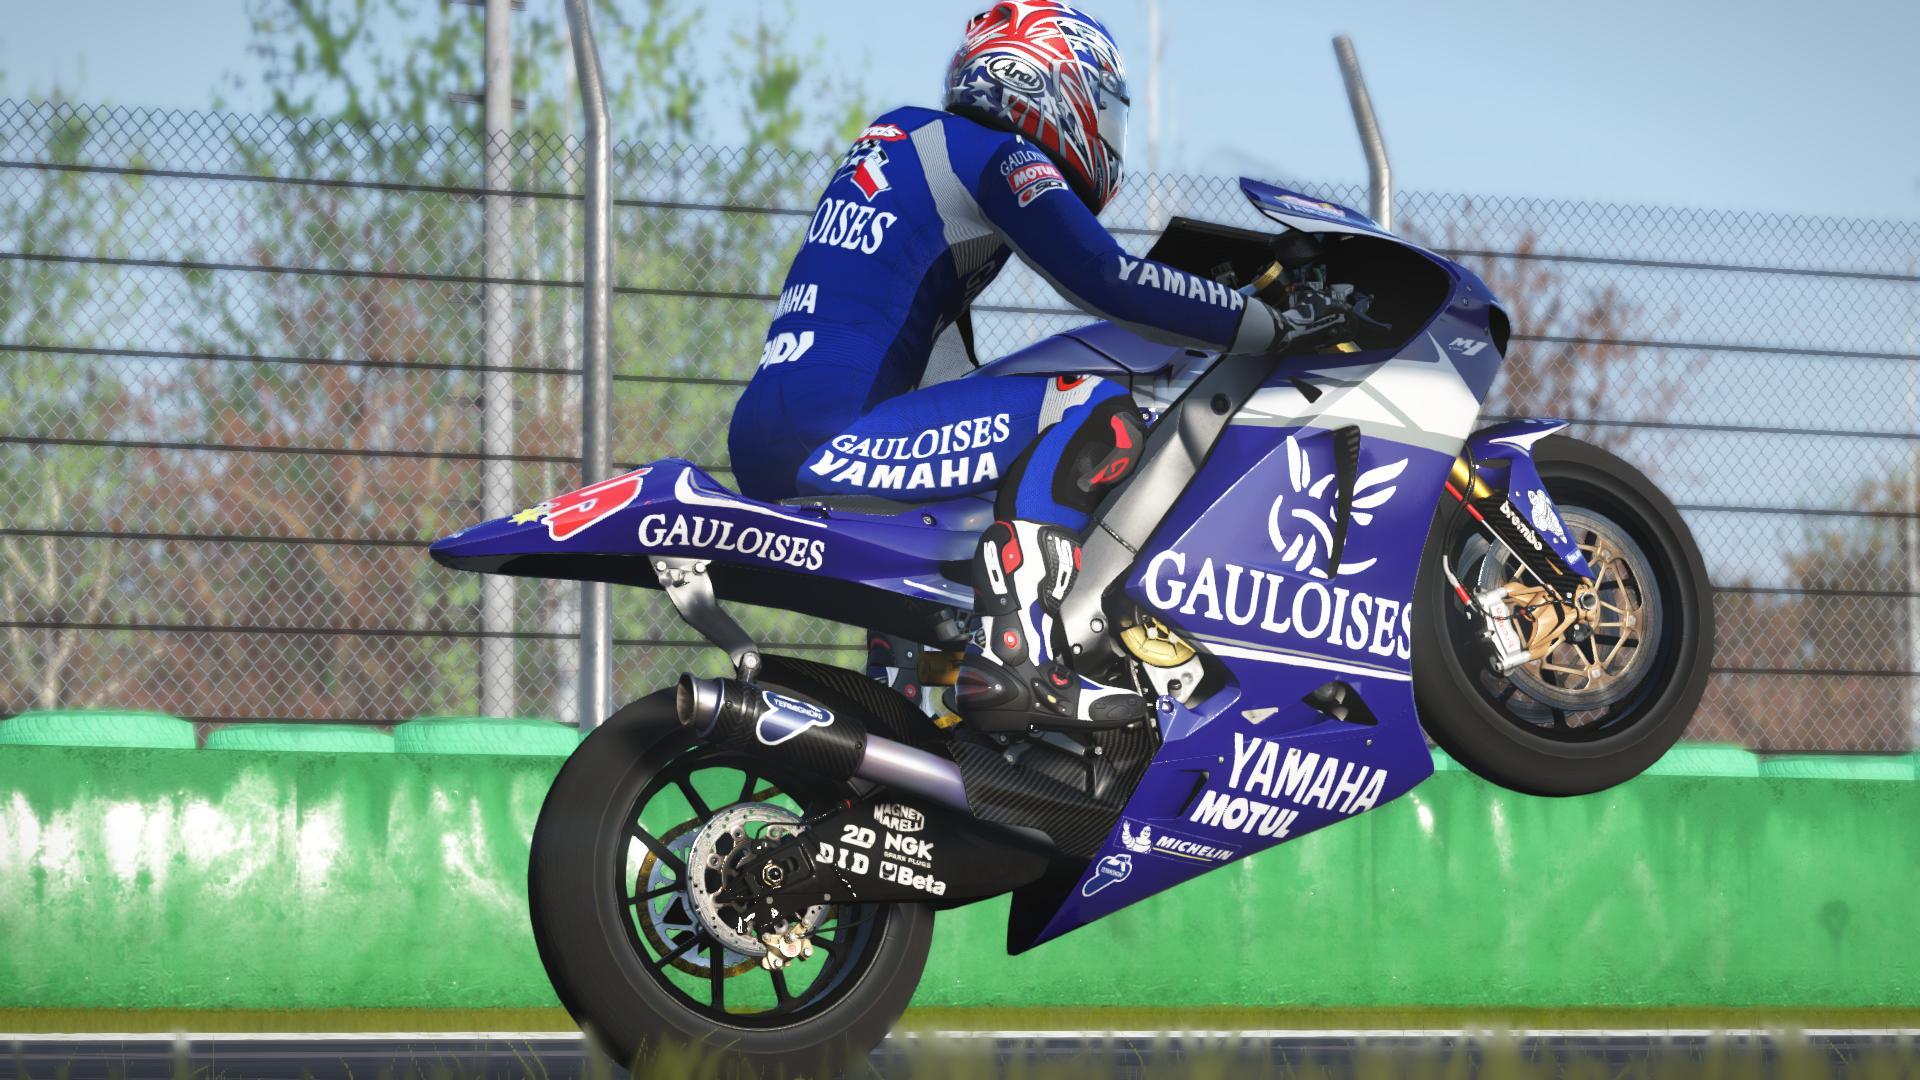 MotoGP17X64 2017-07-13 21-09-42-87.jpg